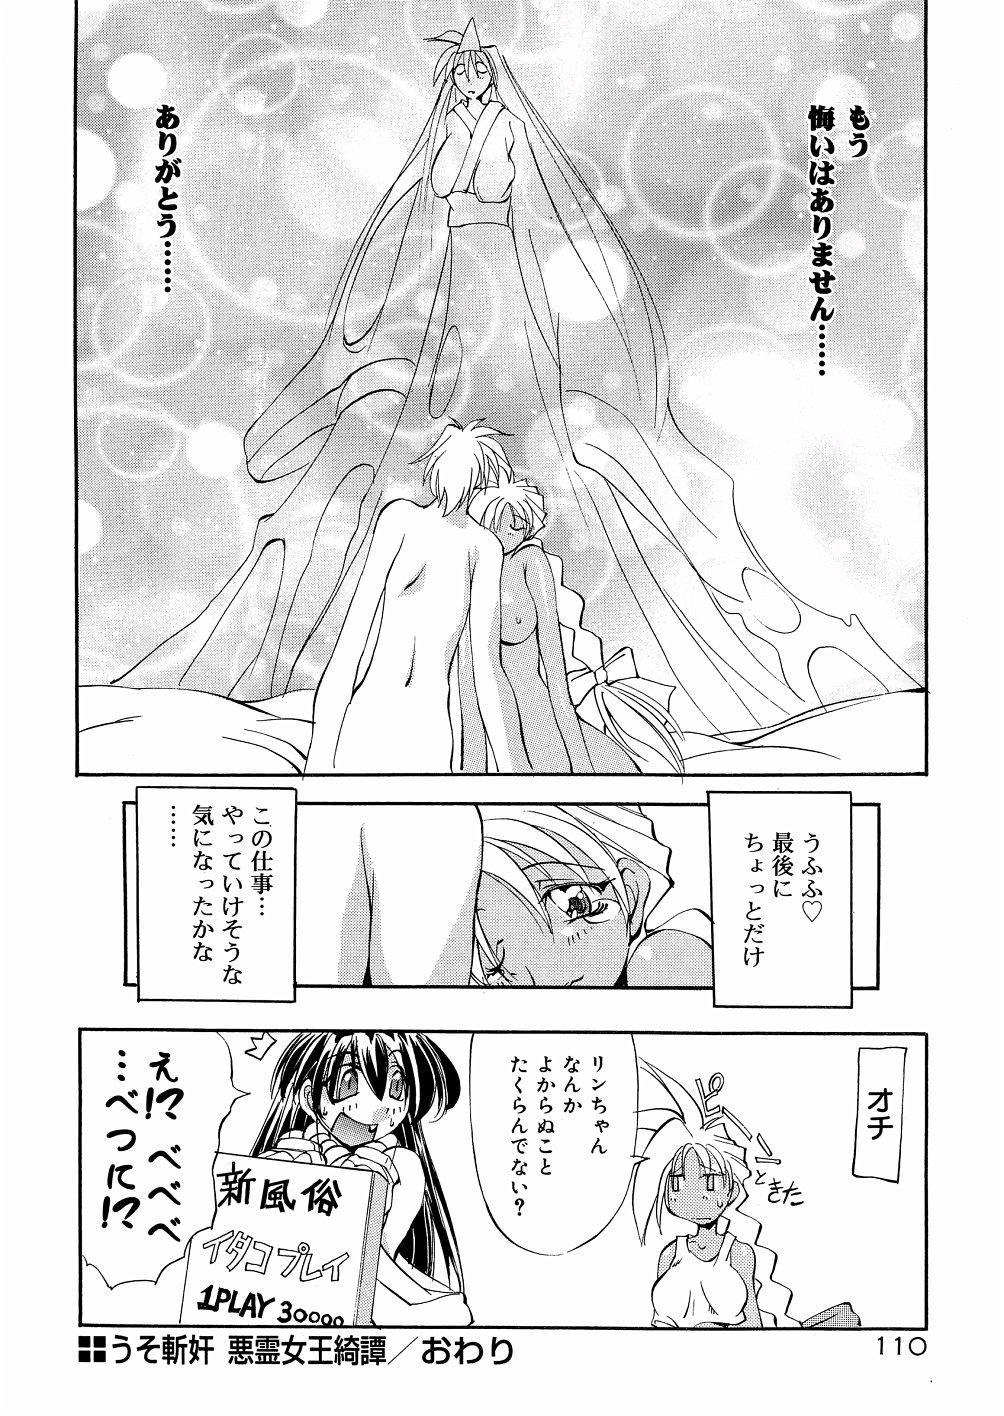 Bakunyuu Musume Goumon Jigoku 114